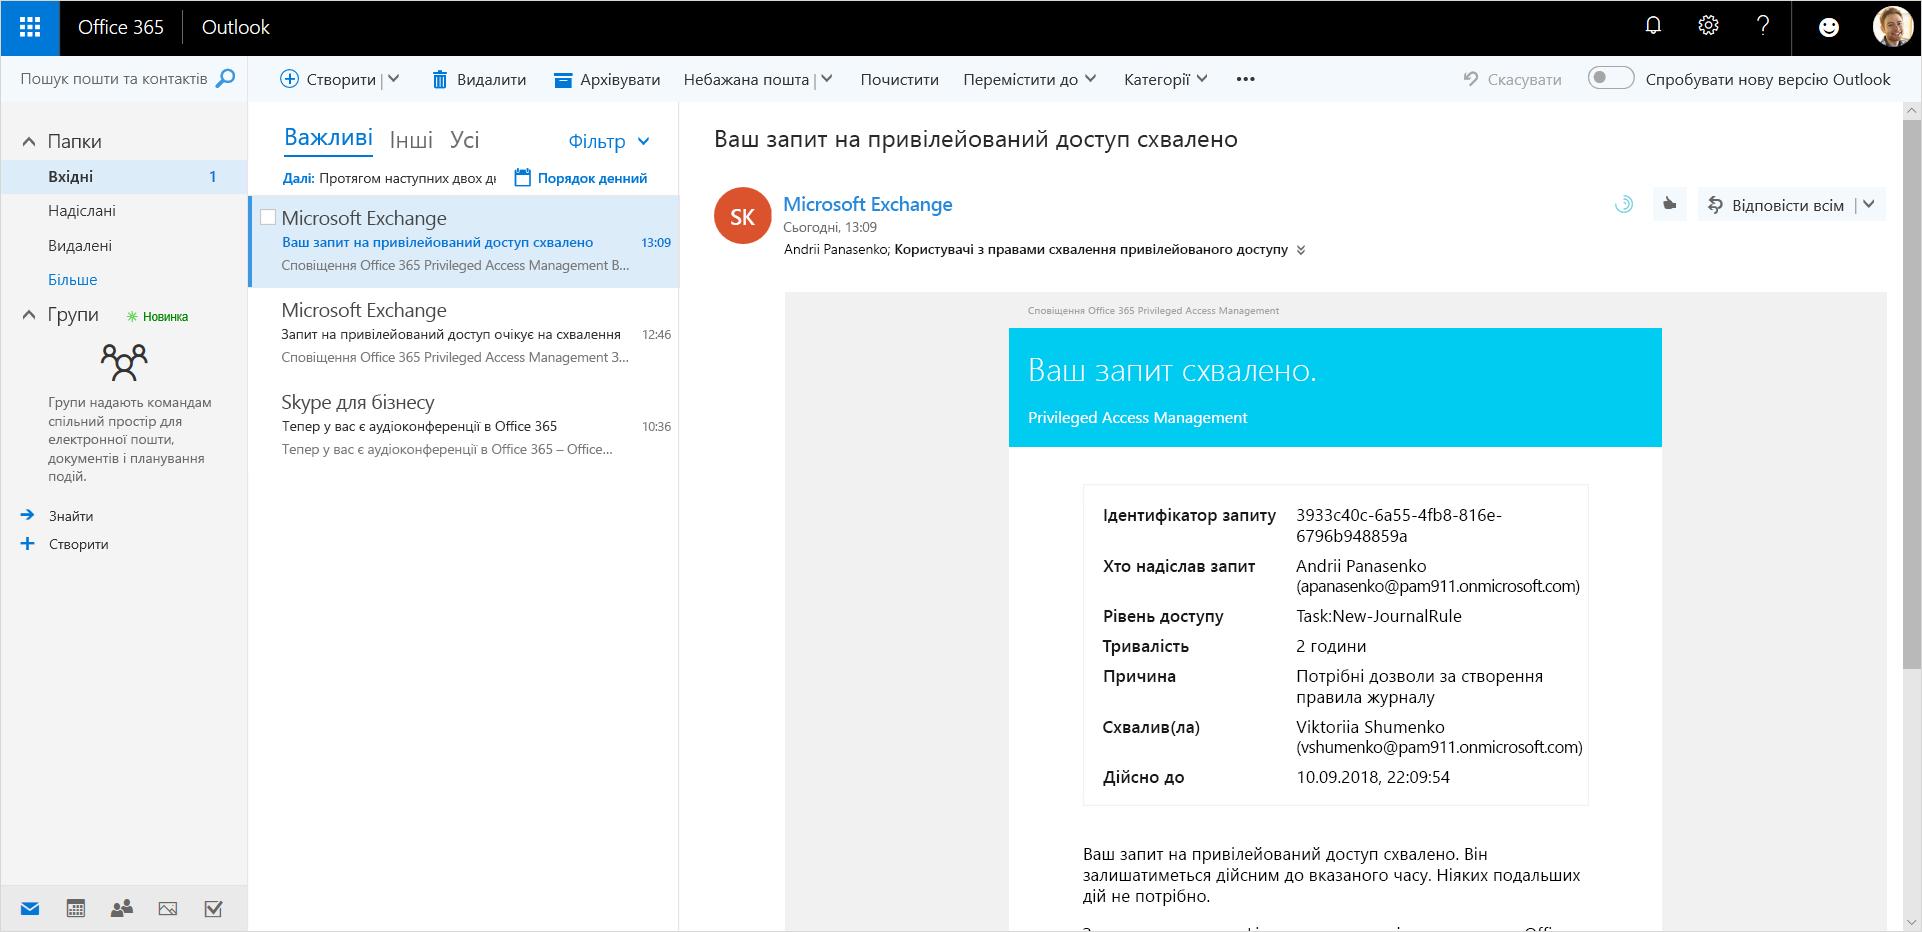 Зображення схваленого запиту на привілейований доступ в Outlook.